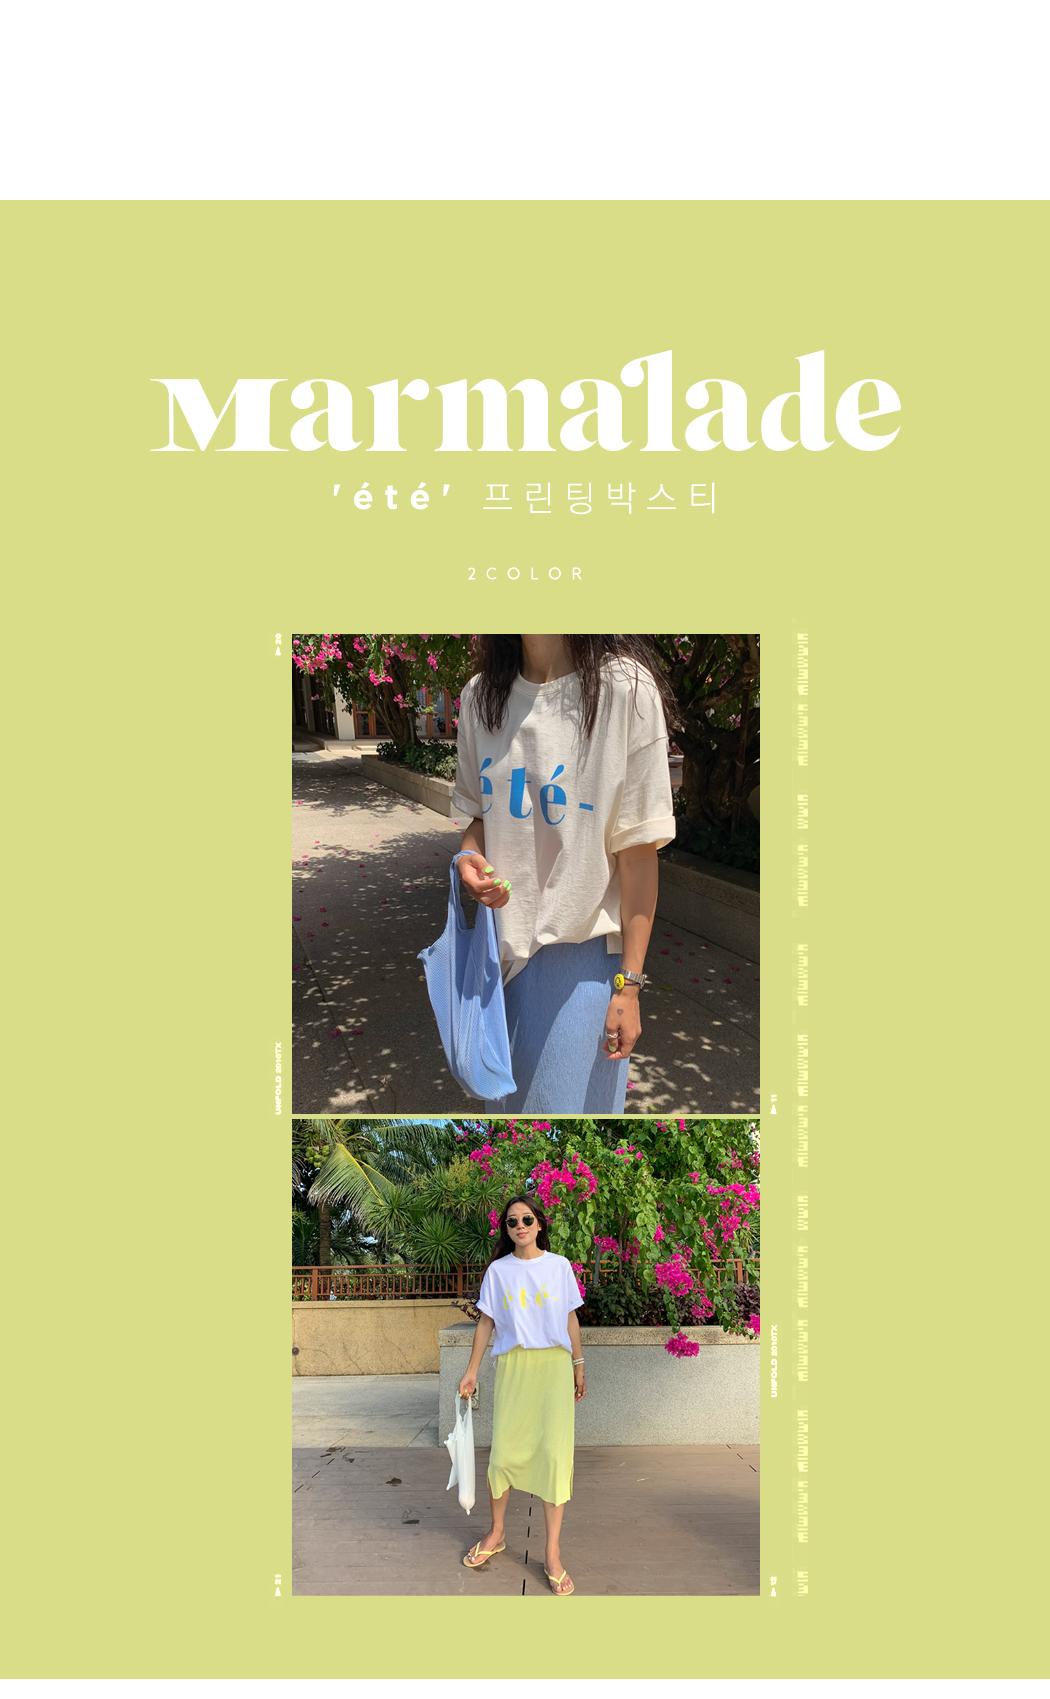 Marmalade ♥ .'été 'Printing Box Tea